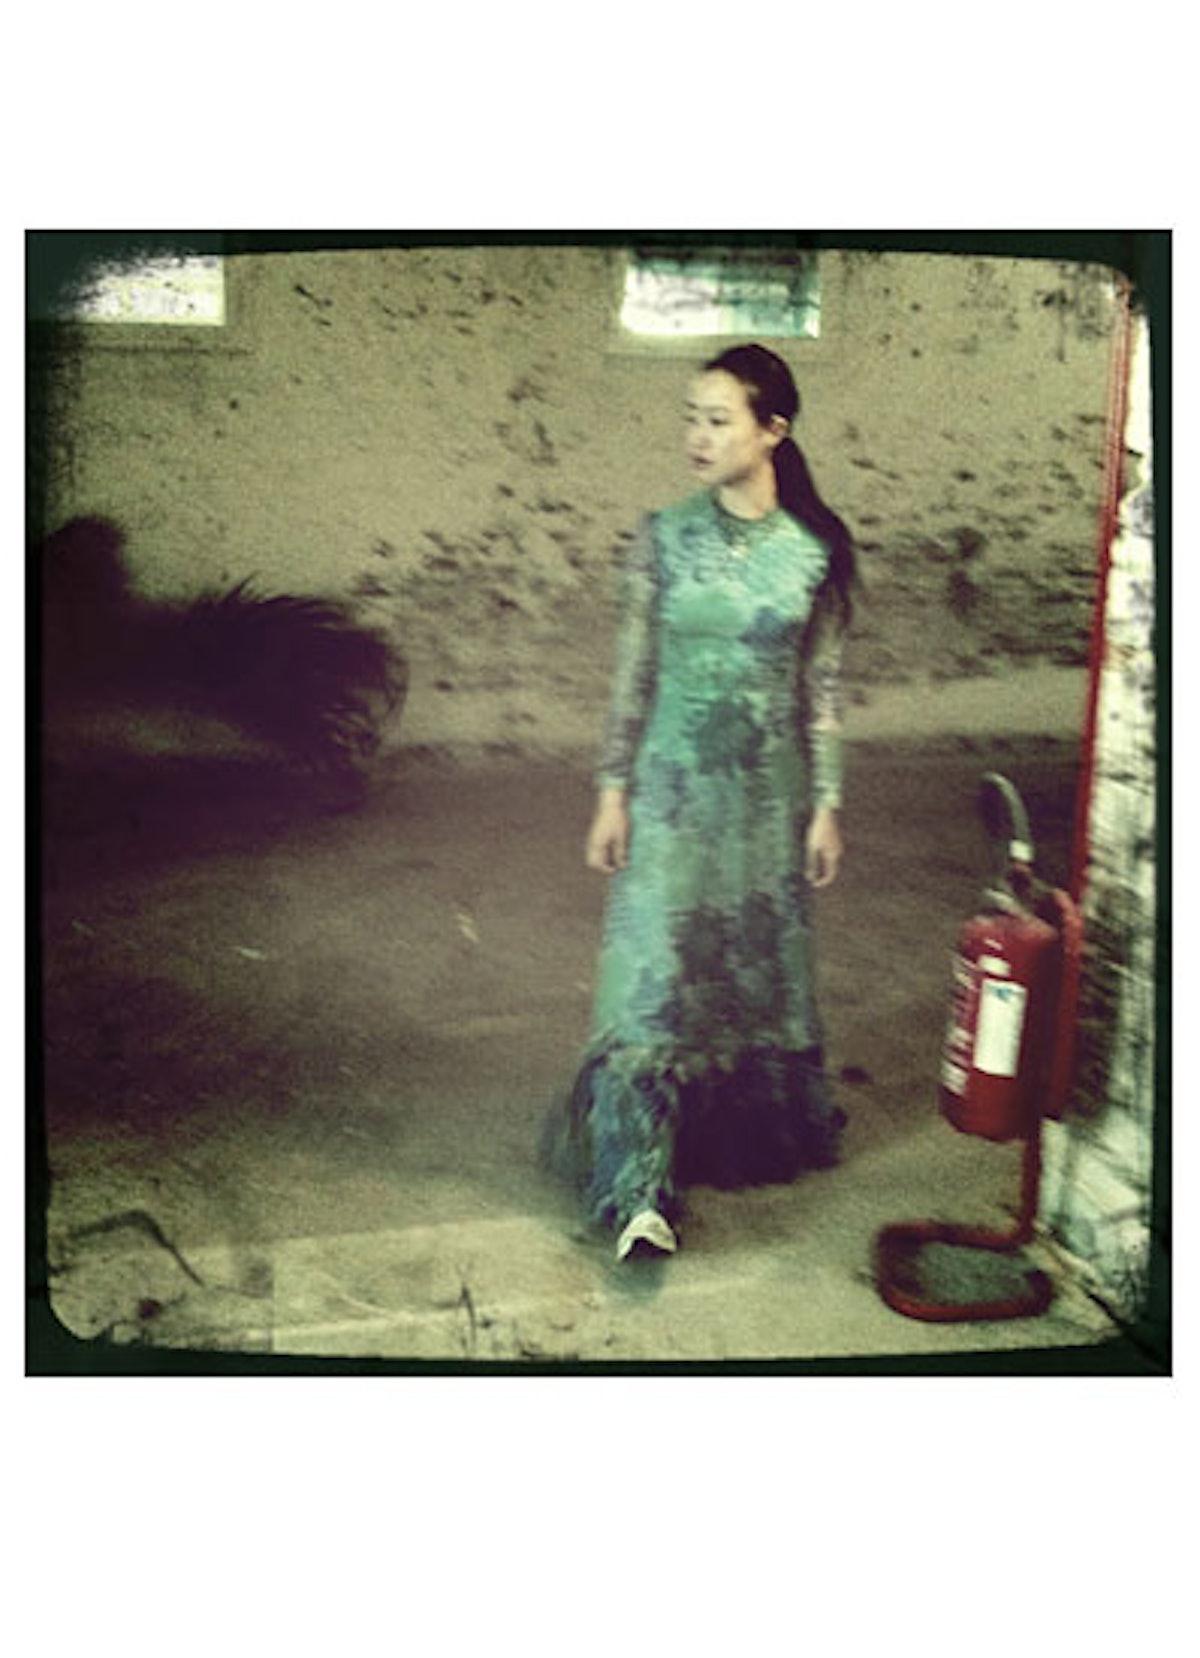 fass-china-it-girl-03-v.jpg